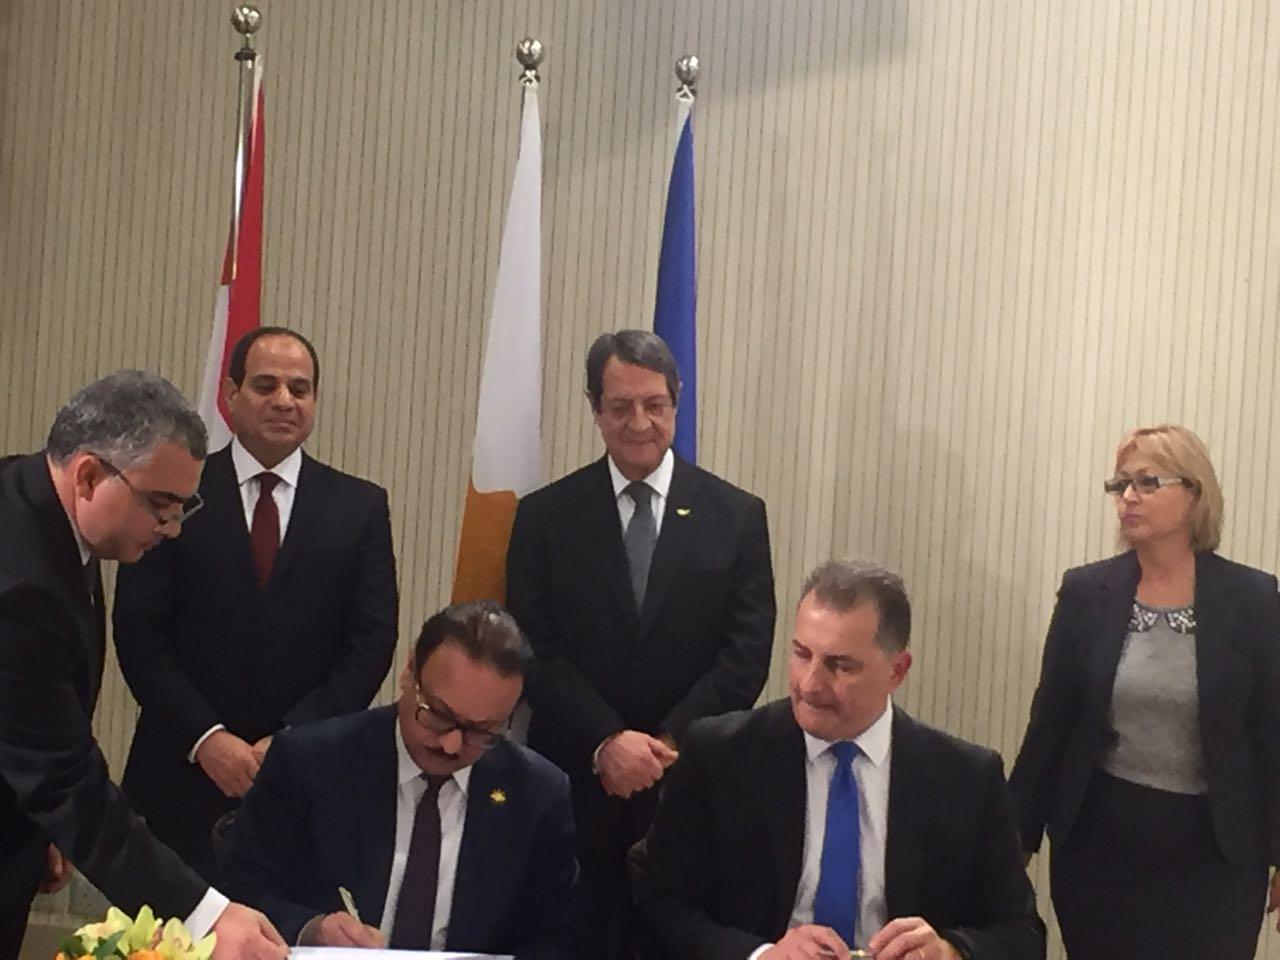 توقيع مذكرة تعاون في مجال الأعمال والاتصال بين مصر وقبرص3